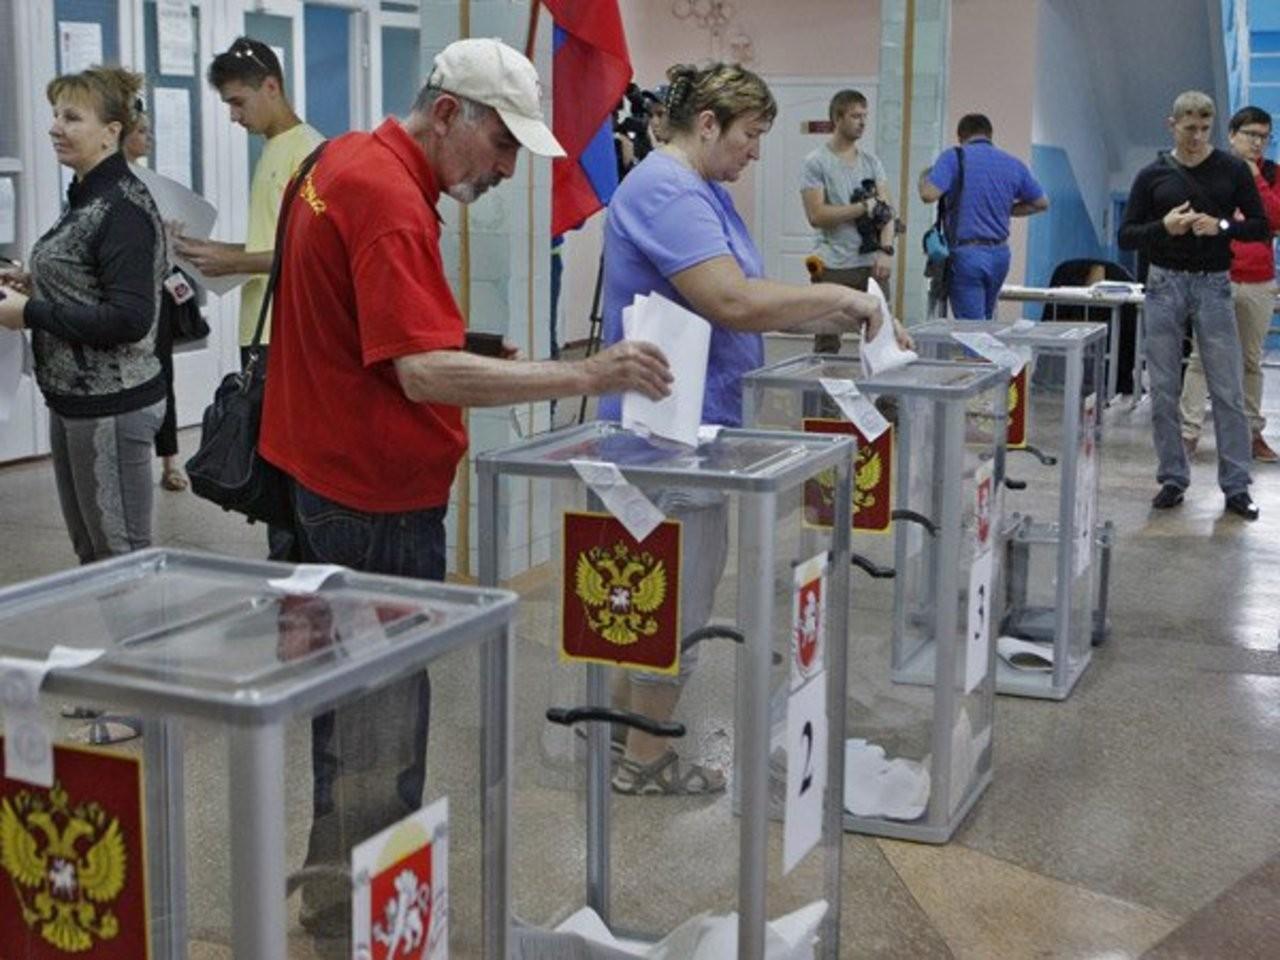 В российской столице  кандидат в народные избранники  искусал присутствующих навыборах